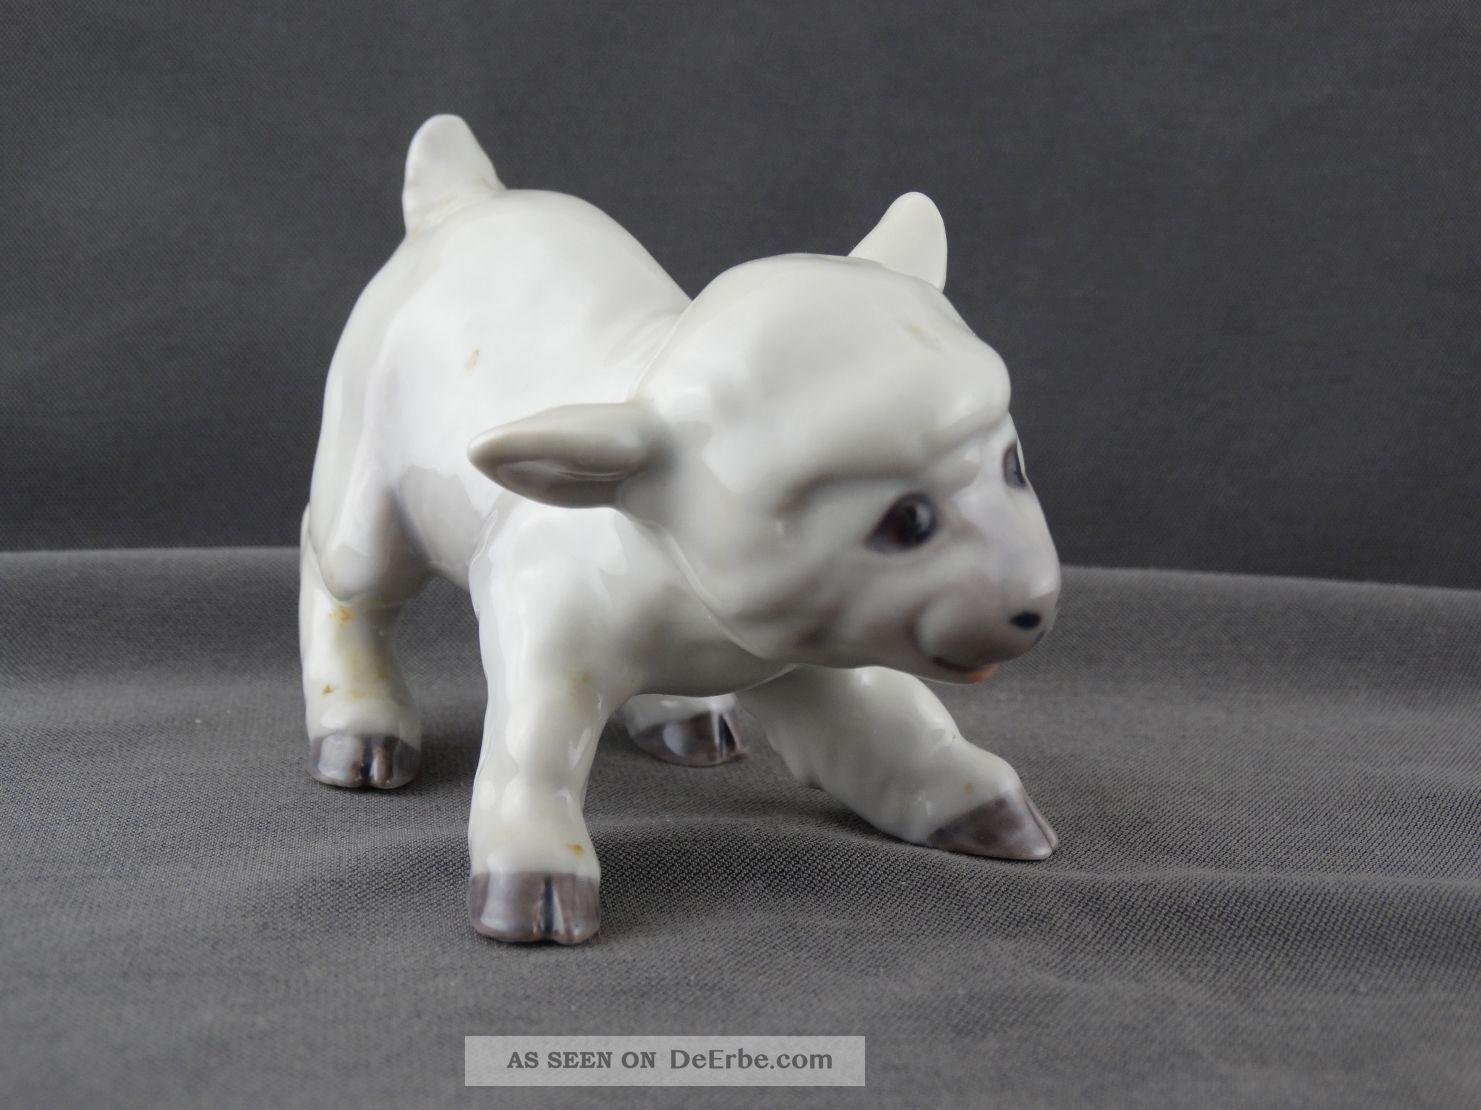 Bing & Groendahl Porzellan Figur Kleines Schaf Lamm Modell 2562 Nach Marke & Herkunft Bild